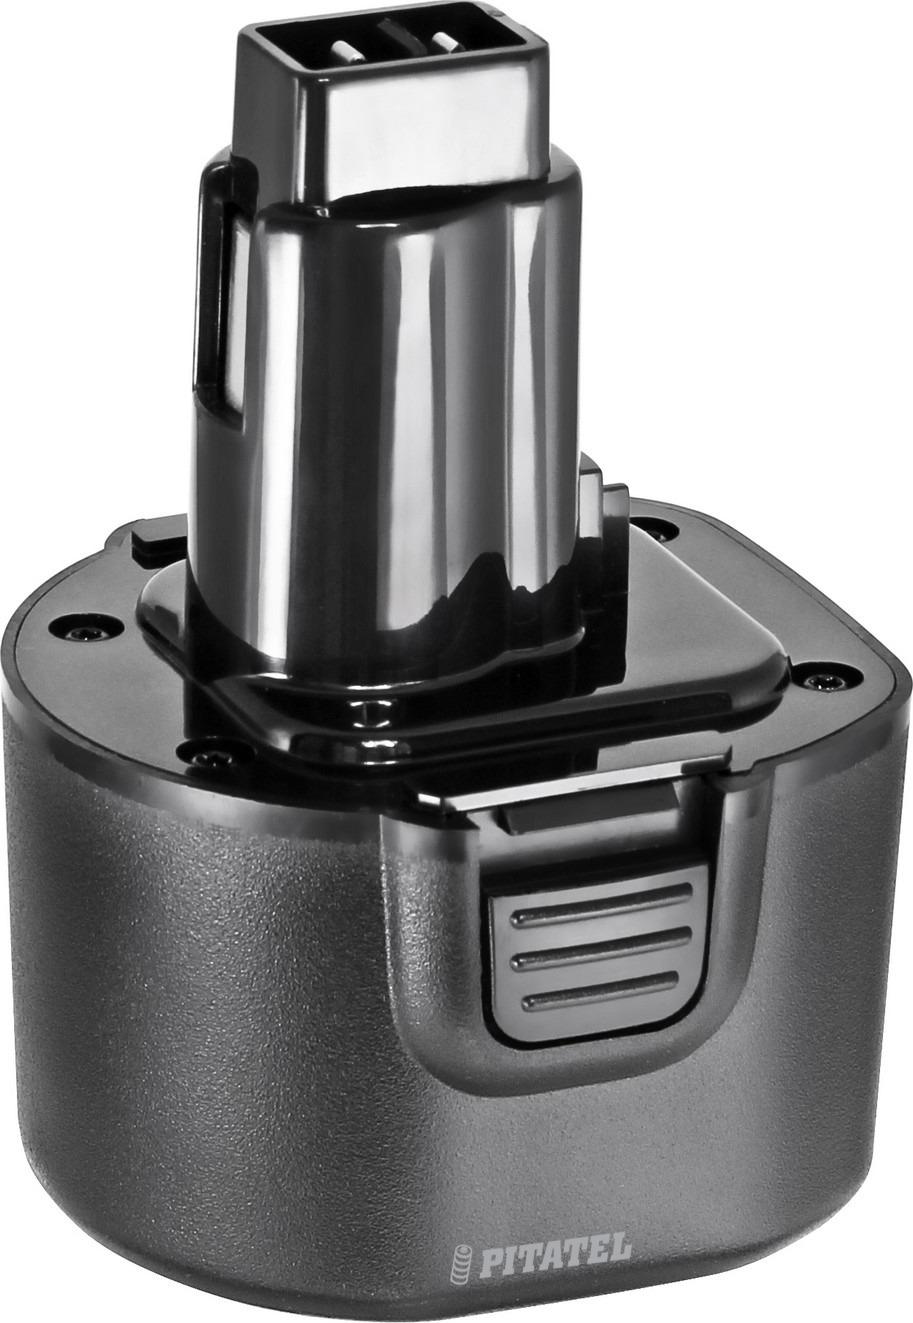 Аккумулятор для инструмента Pitatel для DEWALT. TSB-014-DE96-30M аккумулятор для инструмента pitatel для makita tsb 038 mak96stick 30m